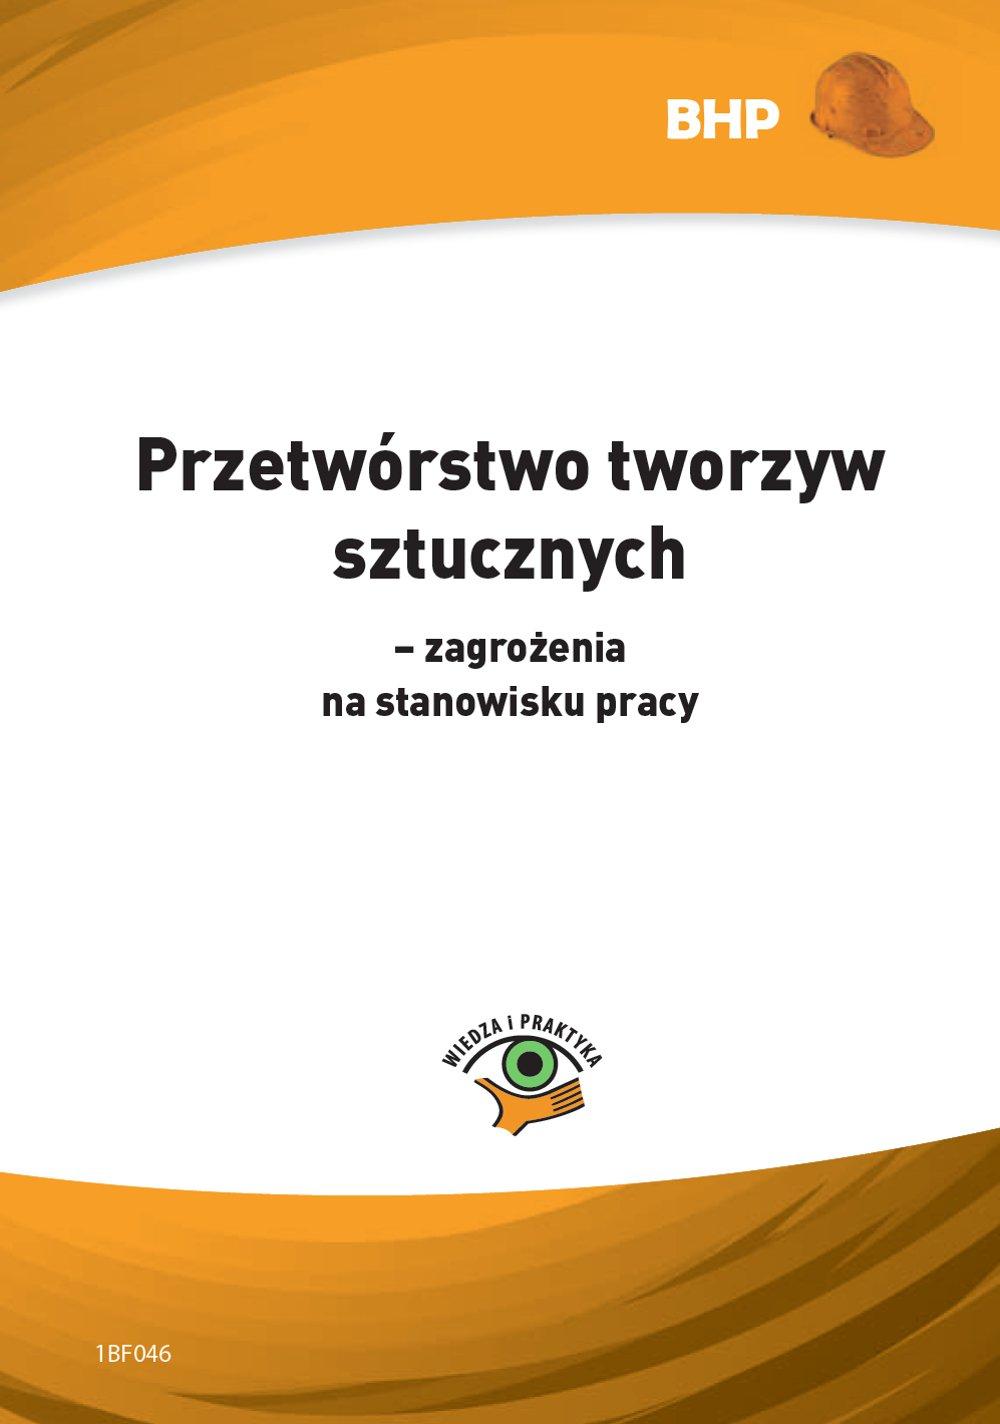 Przetwórstwo tworzyw sztucznych - zagrożenia na stanowisku pracy - Ebook (Książka PDF) do pobrania w formacie PDF